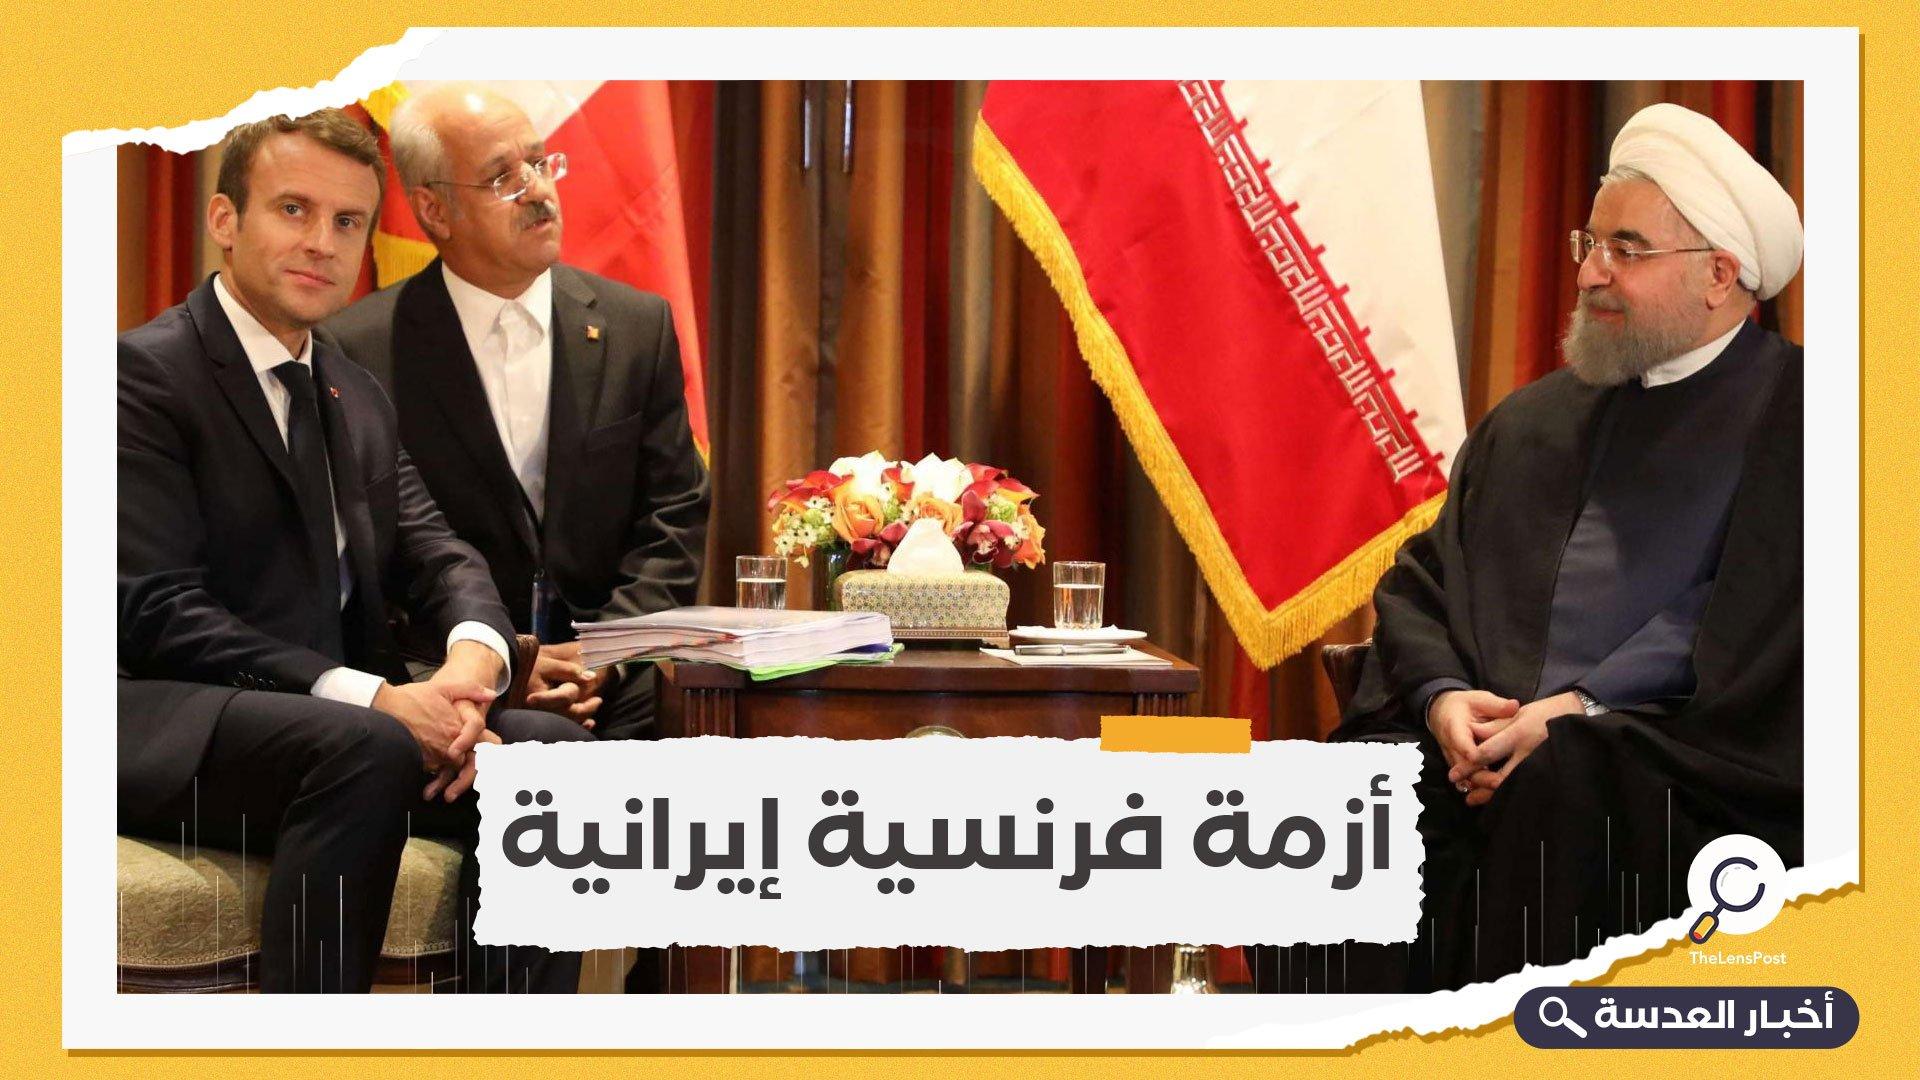 إيران تدعو فرنسا إلى ضبط النفس.. وماكرون يقول أن التفاوض مع إيران سيكون صارماً جدا